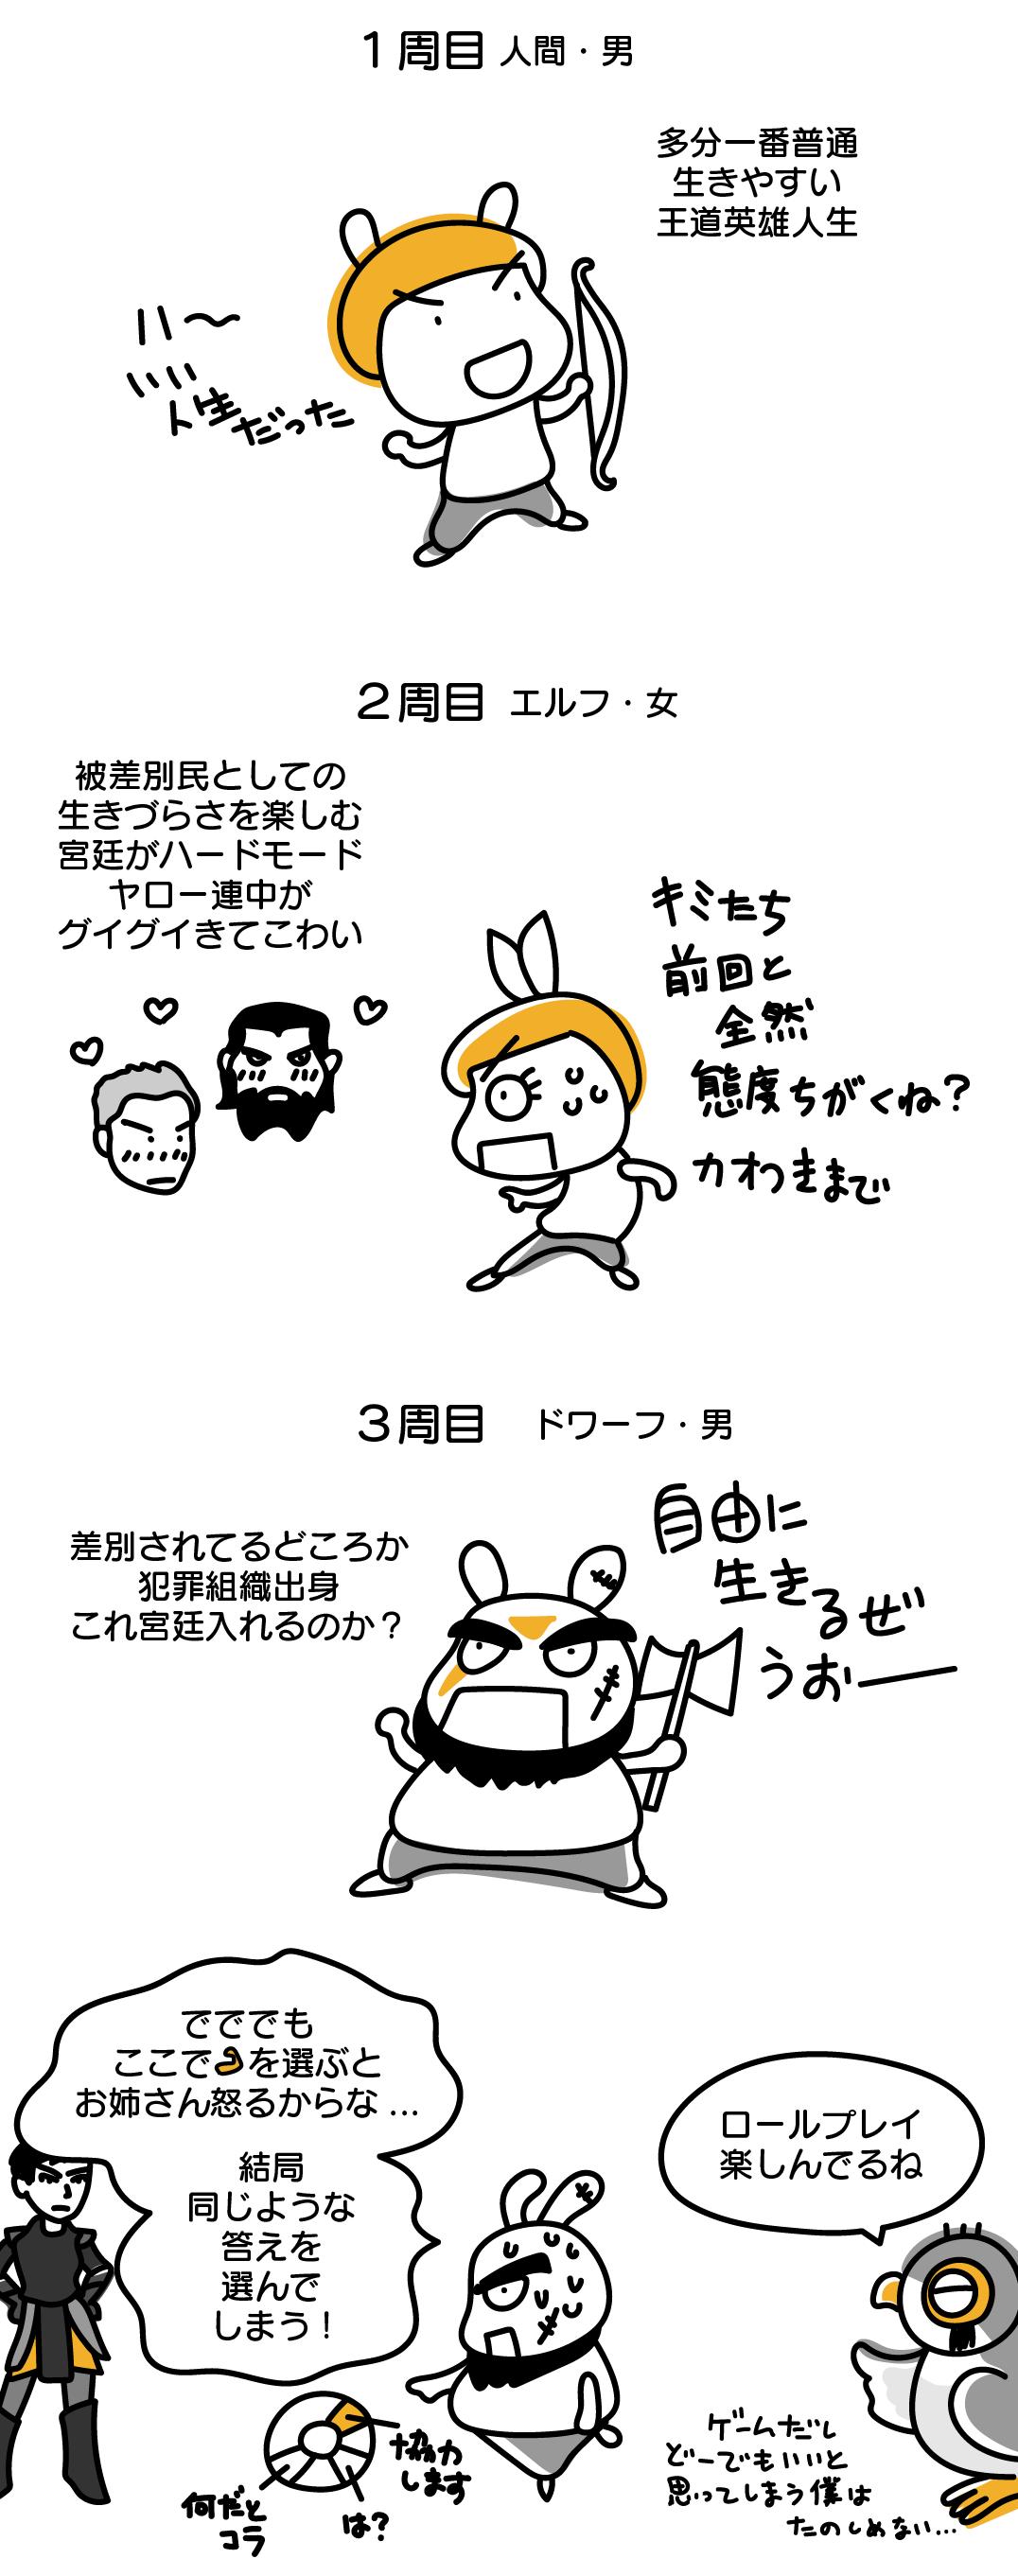 ドラゴンエイジ:インクイジション漫画日記3周目